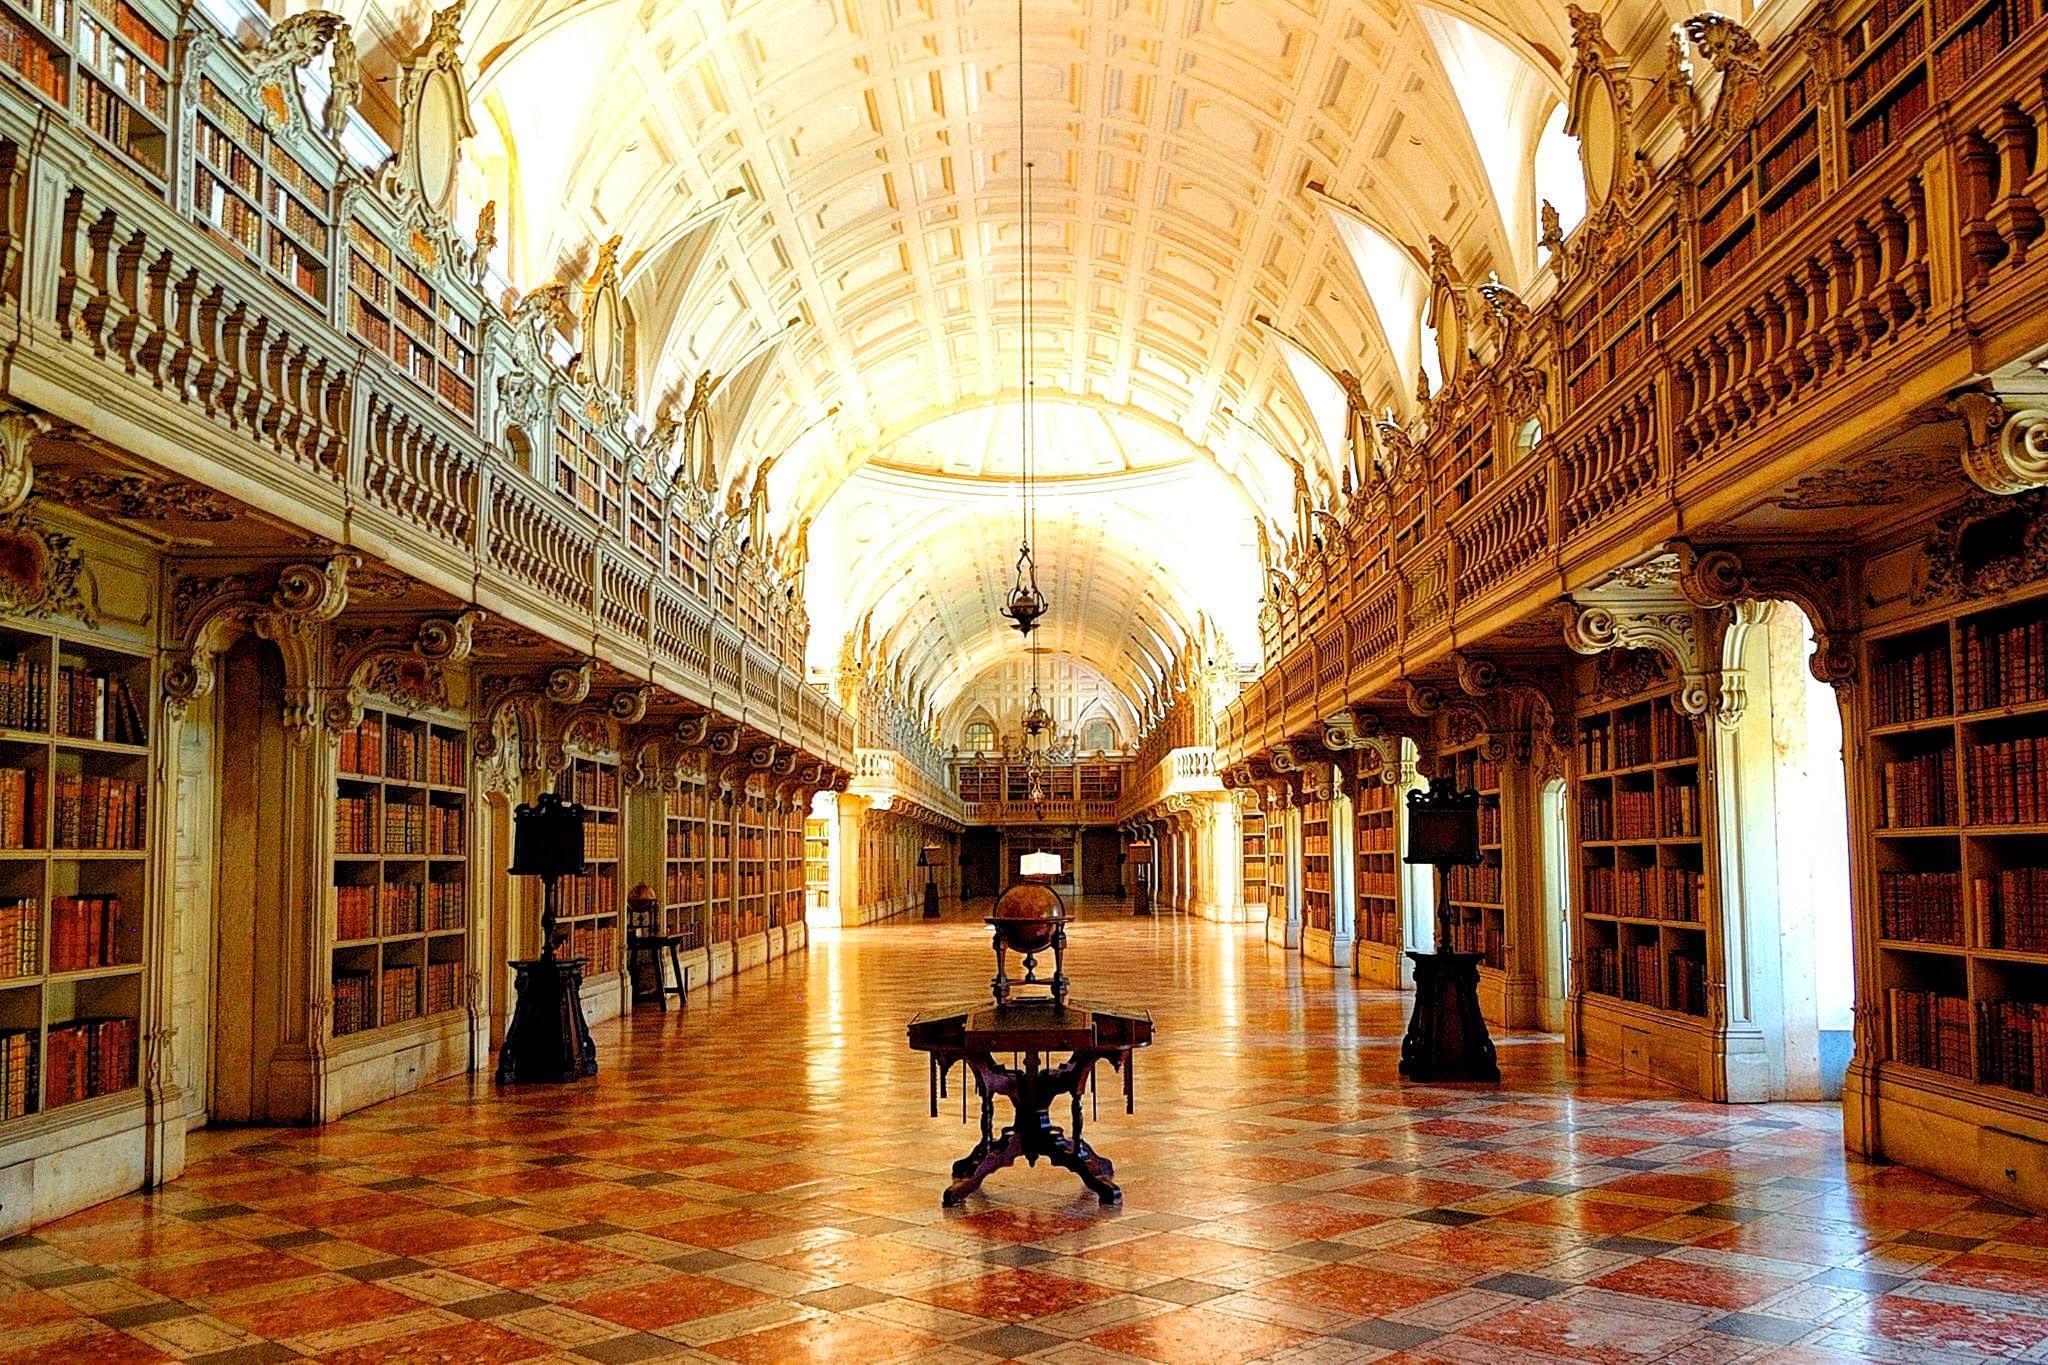 Библиотека королевского дворца